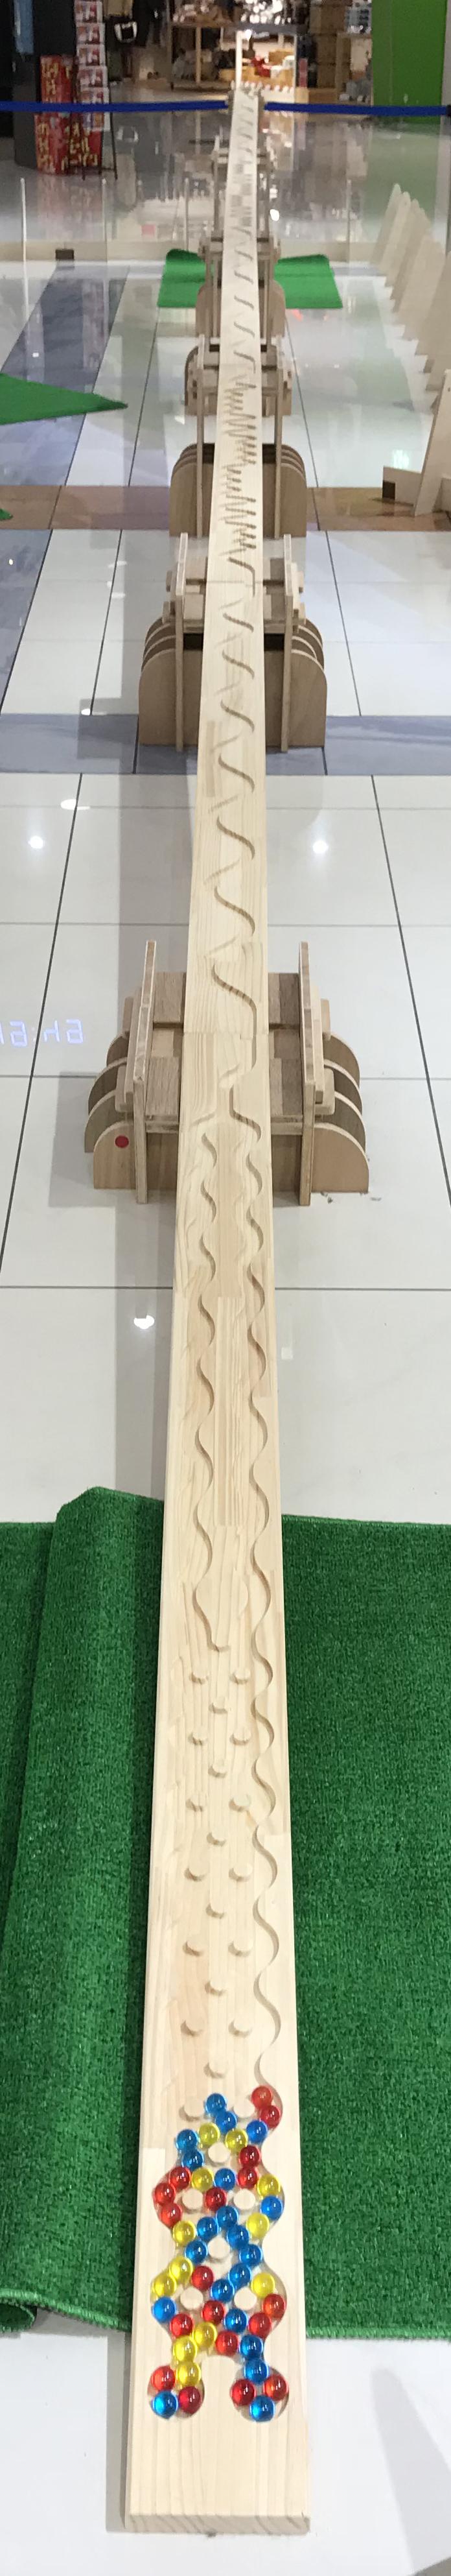 【レンタル専用】 Long SlowP 12m Set 直線&六角形兼用(パイン集成材)画像